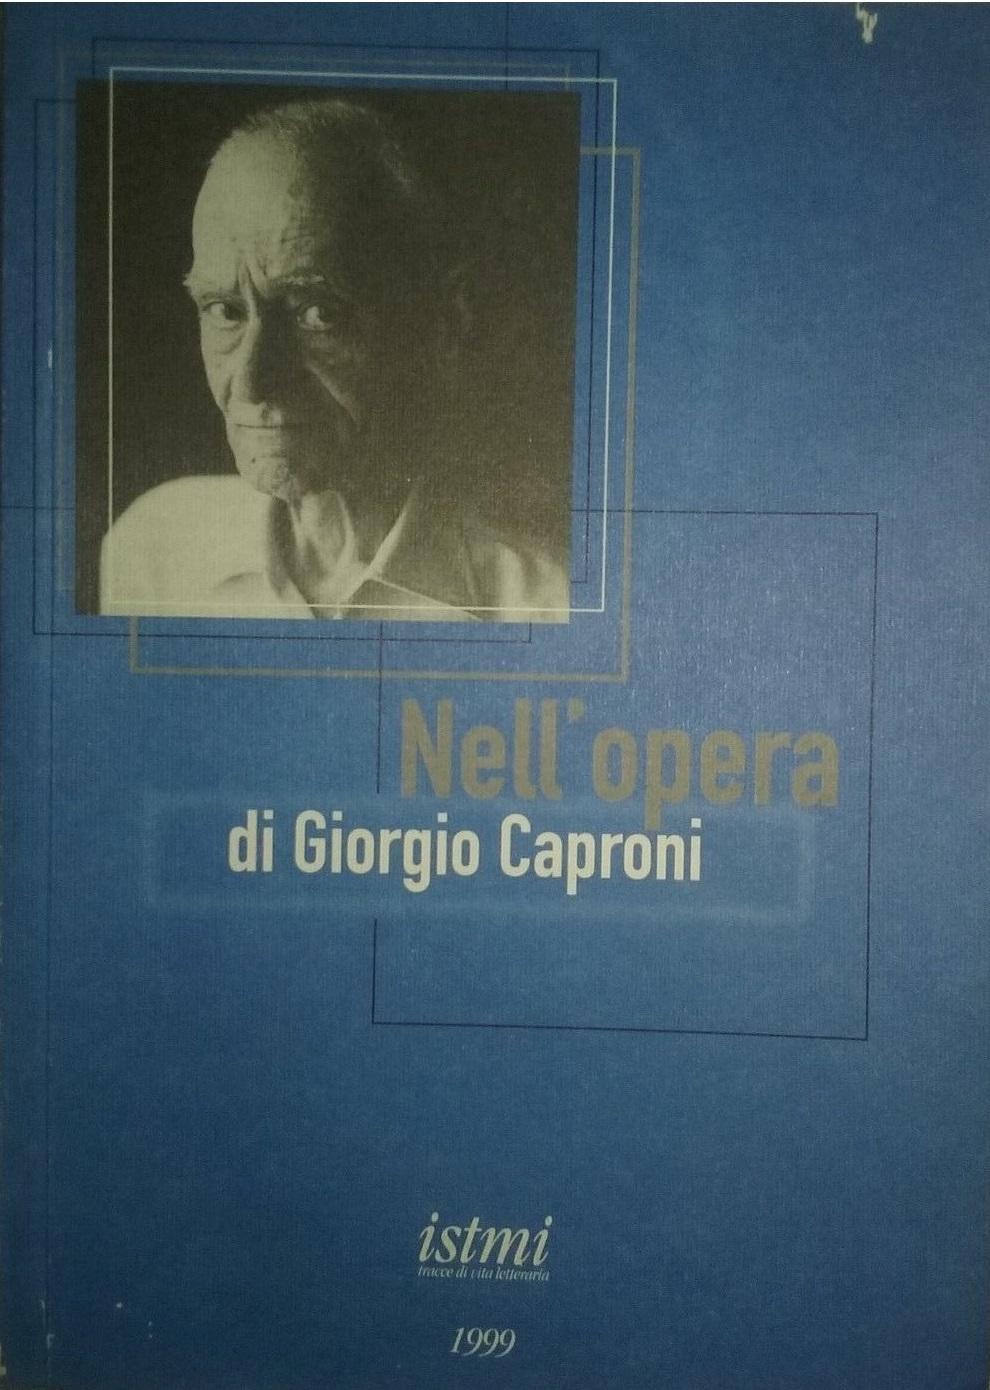 Nell'opera di Giorgio Caproni